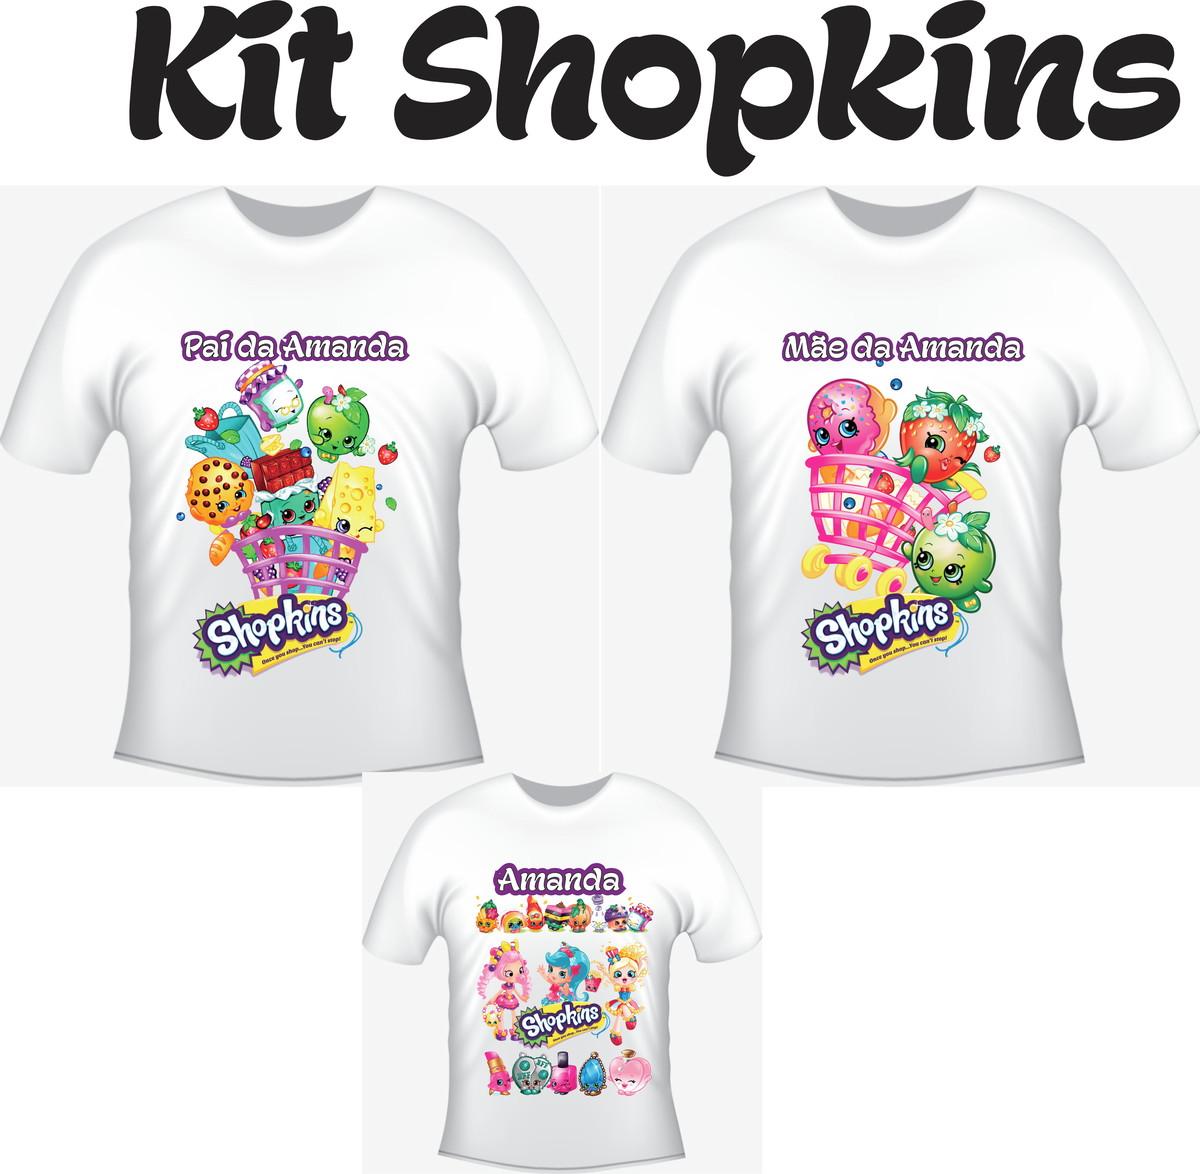 Camiseta Shopkins Kit  03 camisetas - Personalizada no Elo7  e8e9f8132cea0